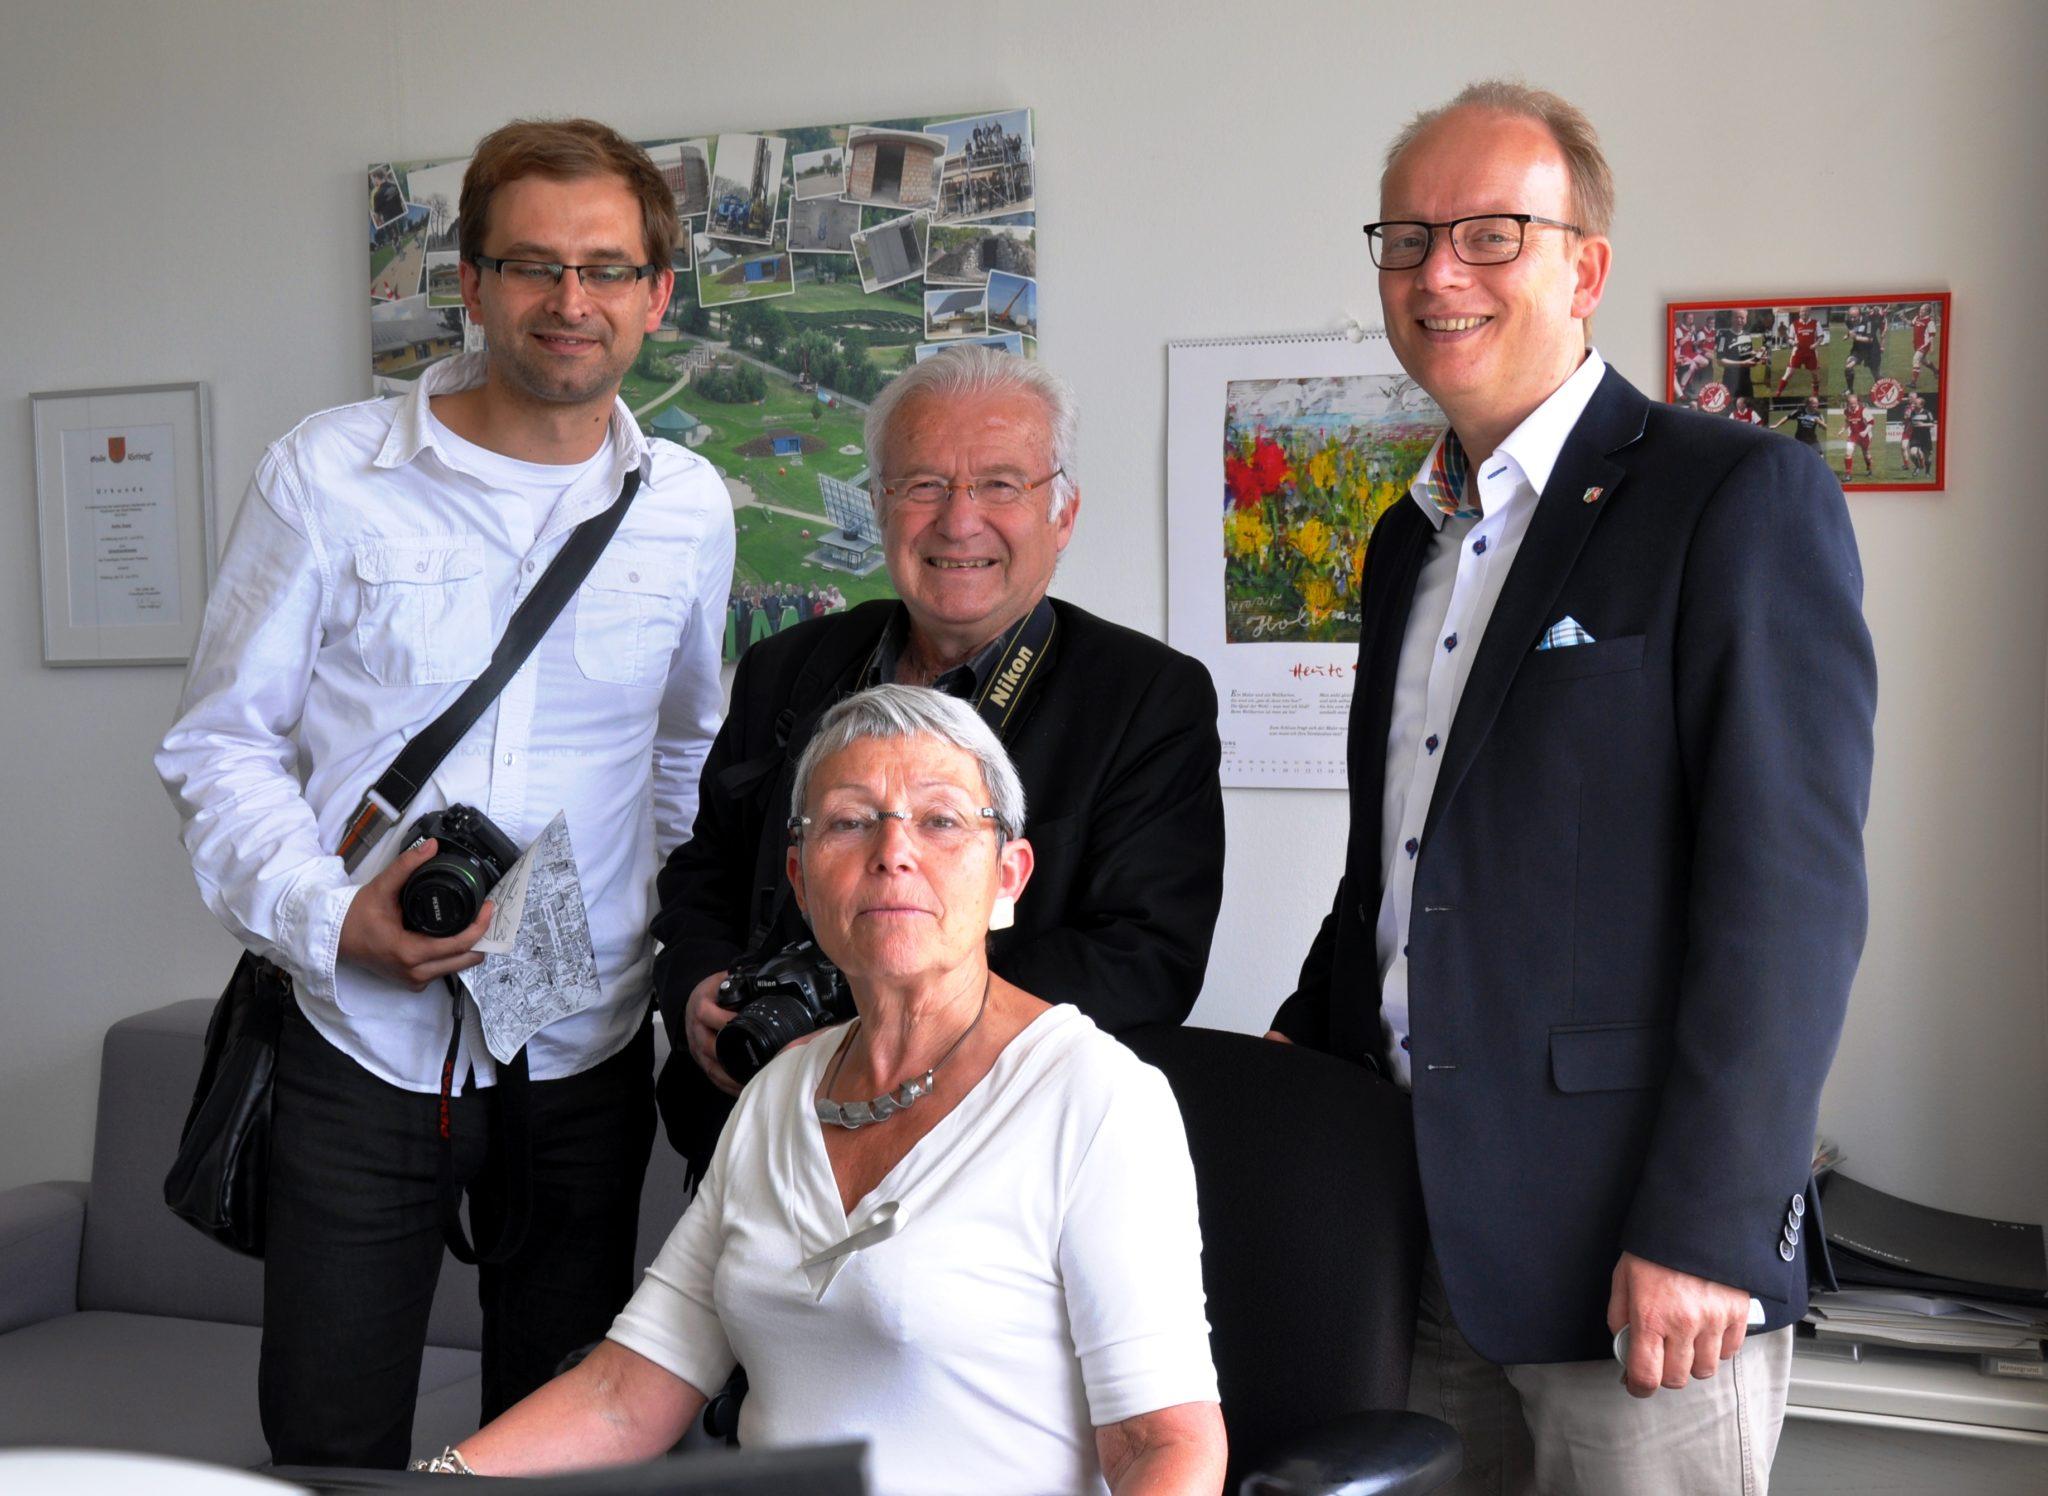 140530_Besuchergruppe Oberglogau Landtag Büro André